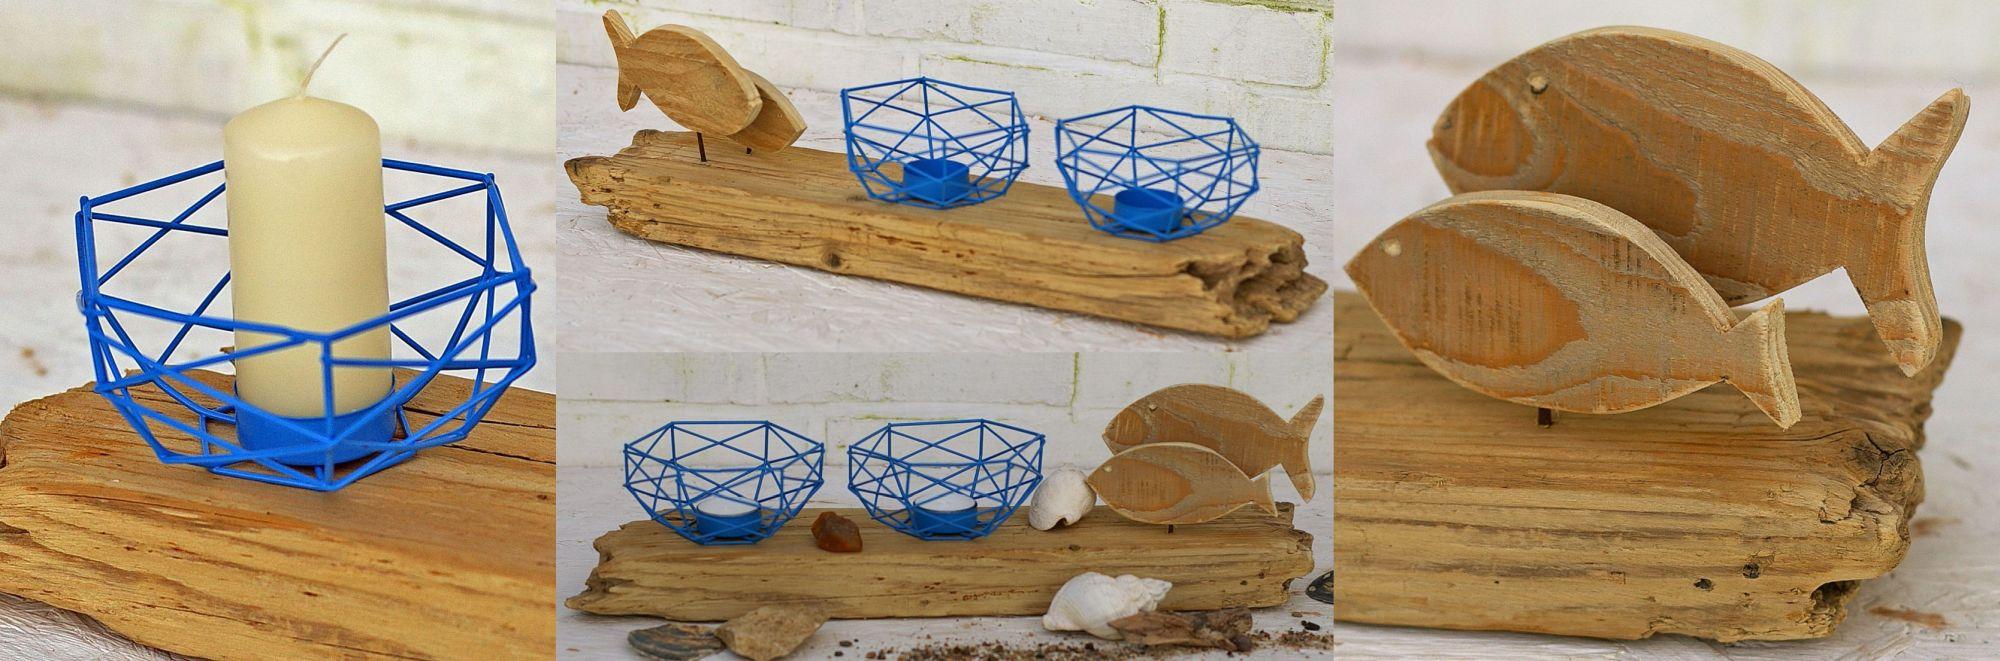 diy idee kerzenhalter aus treibholz mit maritimer Deko, schönes Wohnaccessoire für Zuhause